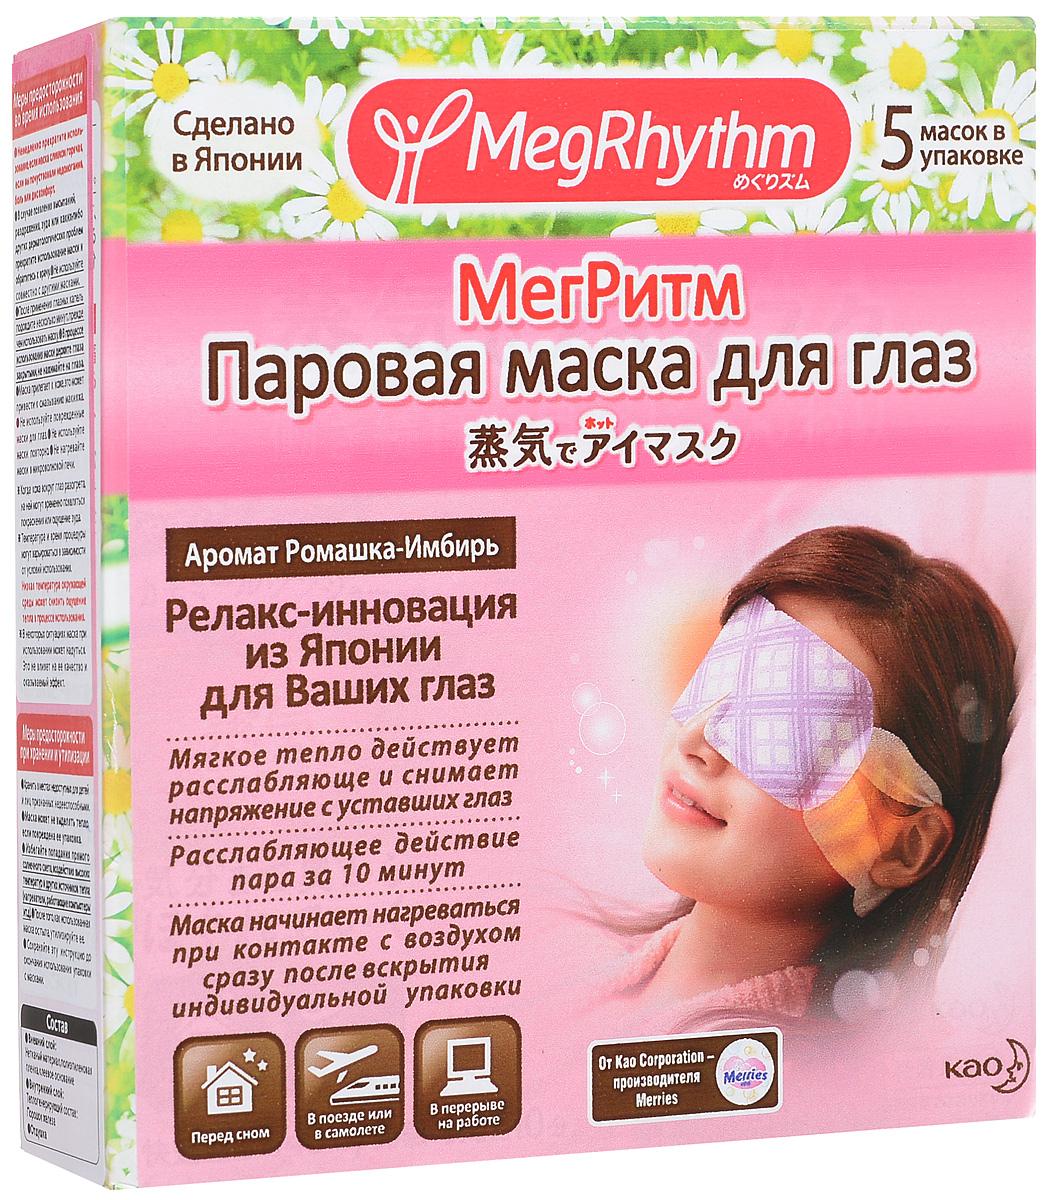 MegRhythm Паровая маска для глаз (Ромашка - Имбирь) 5 штFS-00897Снимите напряжение с ваших уставших глаз с помощью паровой маски. Теплый пар температурой около 40 С в течение 10 минут мягко окутывает глаза. * В процессе использования пар невидим, но его эффект можно почувствовать по увлажнению кожи вокруг глаз после завершения процедуры. SPA - процедура на основе согревающего пара успокоит, снимет напряжение, и ваши отдохнувшие глаза снова засияют. Ультратонкий, идеально прилегающий к коже материал. Удобные ушные петли позволяют использовать маску в любом положении. Маска начинает нагреваться сразу после вскрытия что делает ее удобной для использования в любой ситуации. Гигиеническая одноразовая маска удобна в использовании.Уважаемые клиенты!Обращаем ваше внимание на возможные изменения в дизайне упаковки. Качественные характеристики товара остаются неизменными. Поставка осуществляется в зависимости от наличия на складе.